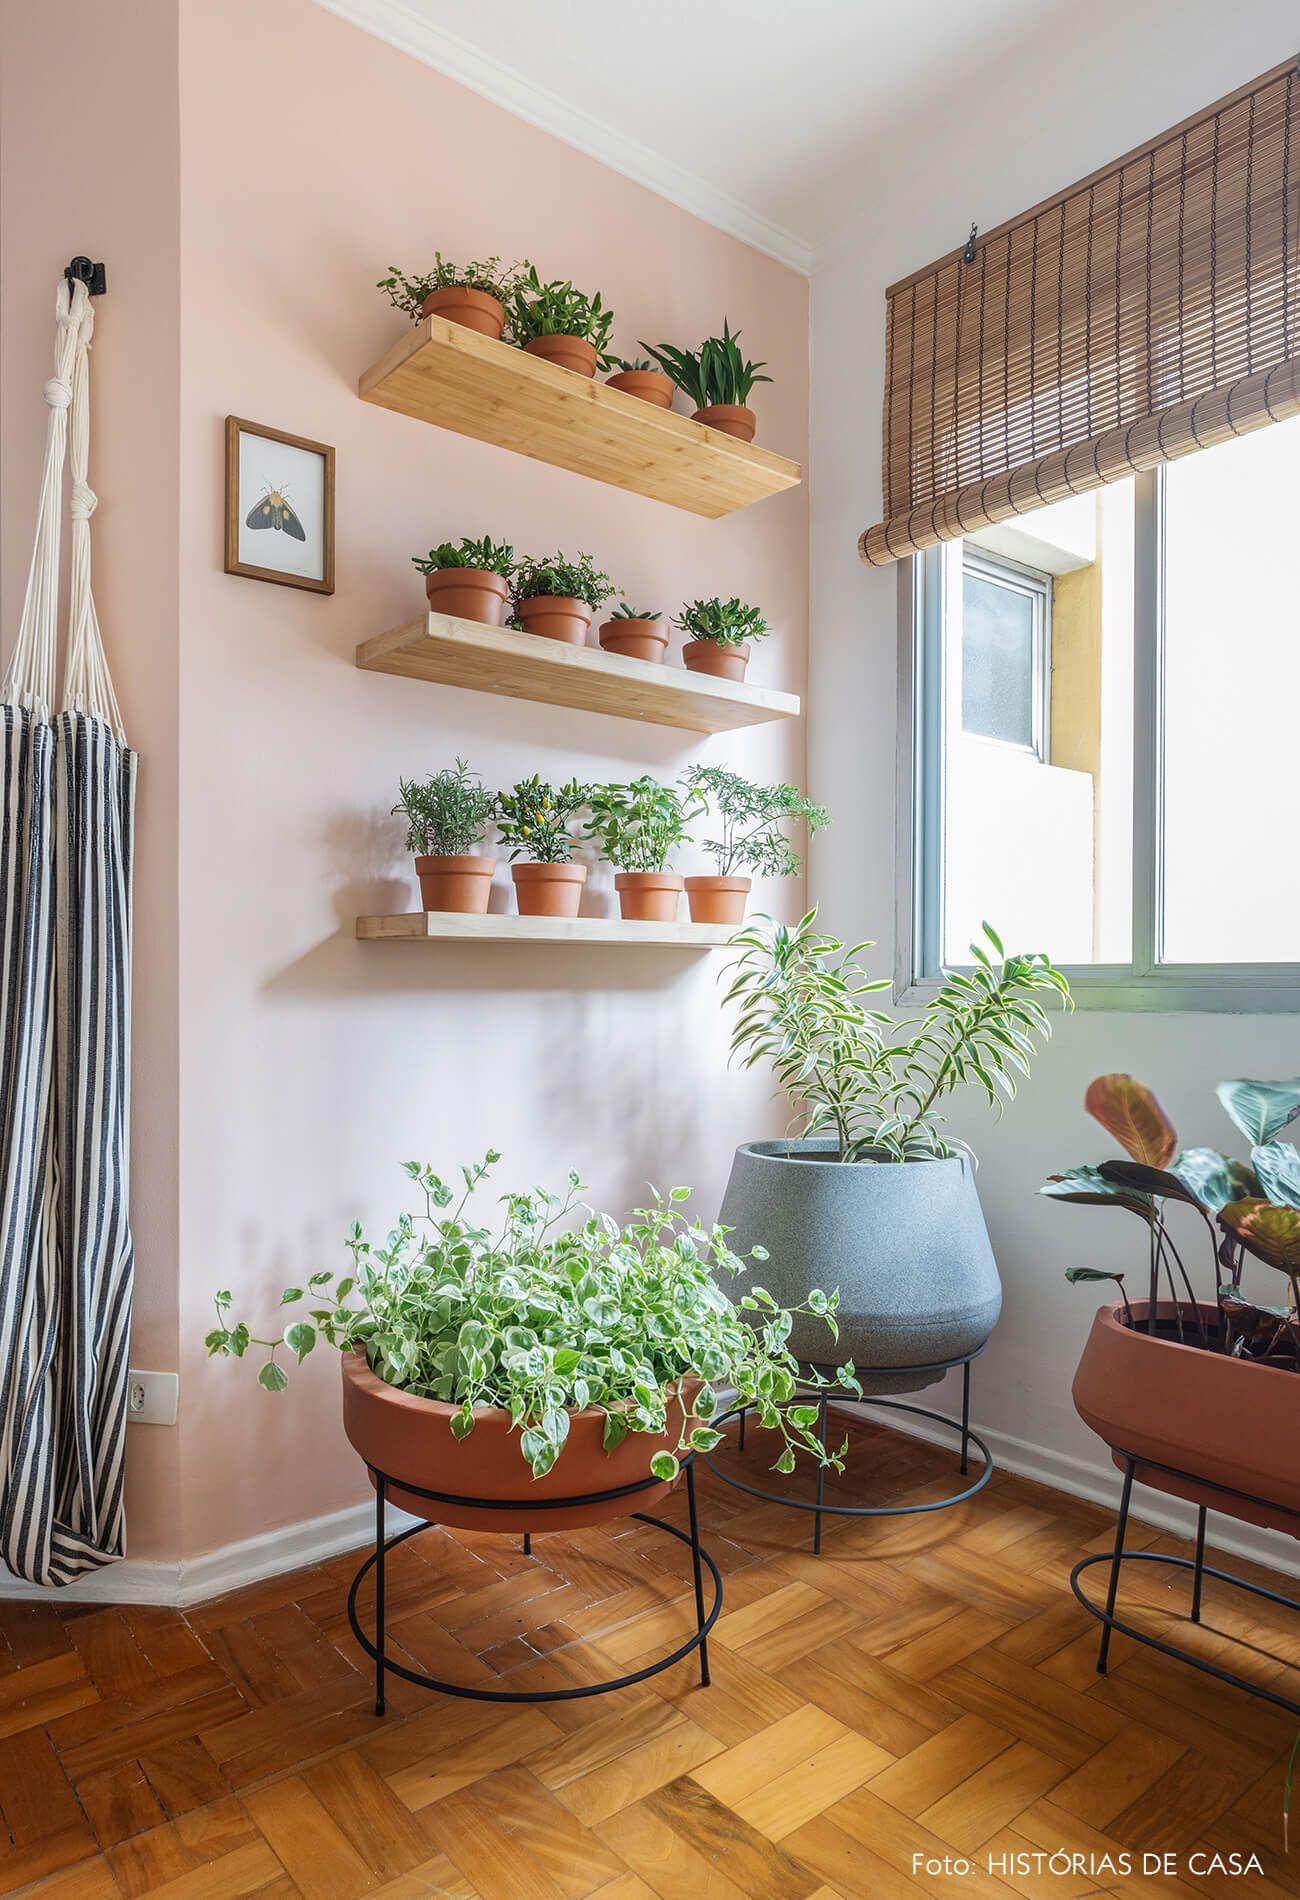 Antes E Depois Sala Nova Com A Leroy Merlin Decoracao Com Plantas Planta De Decoracao Interior Salas Coloridas